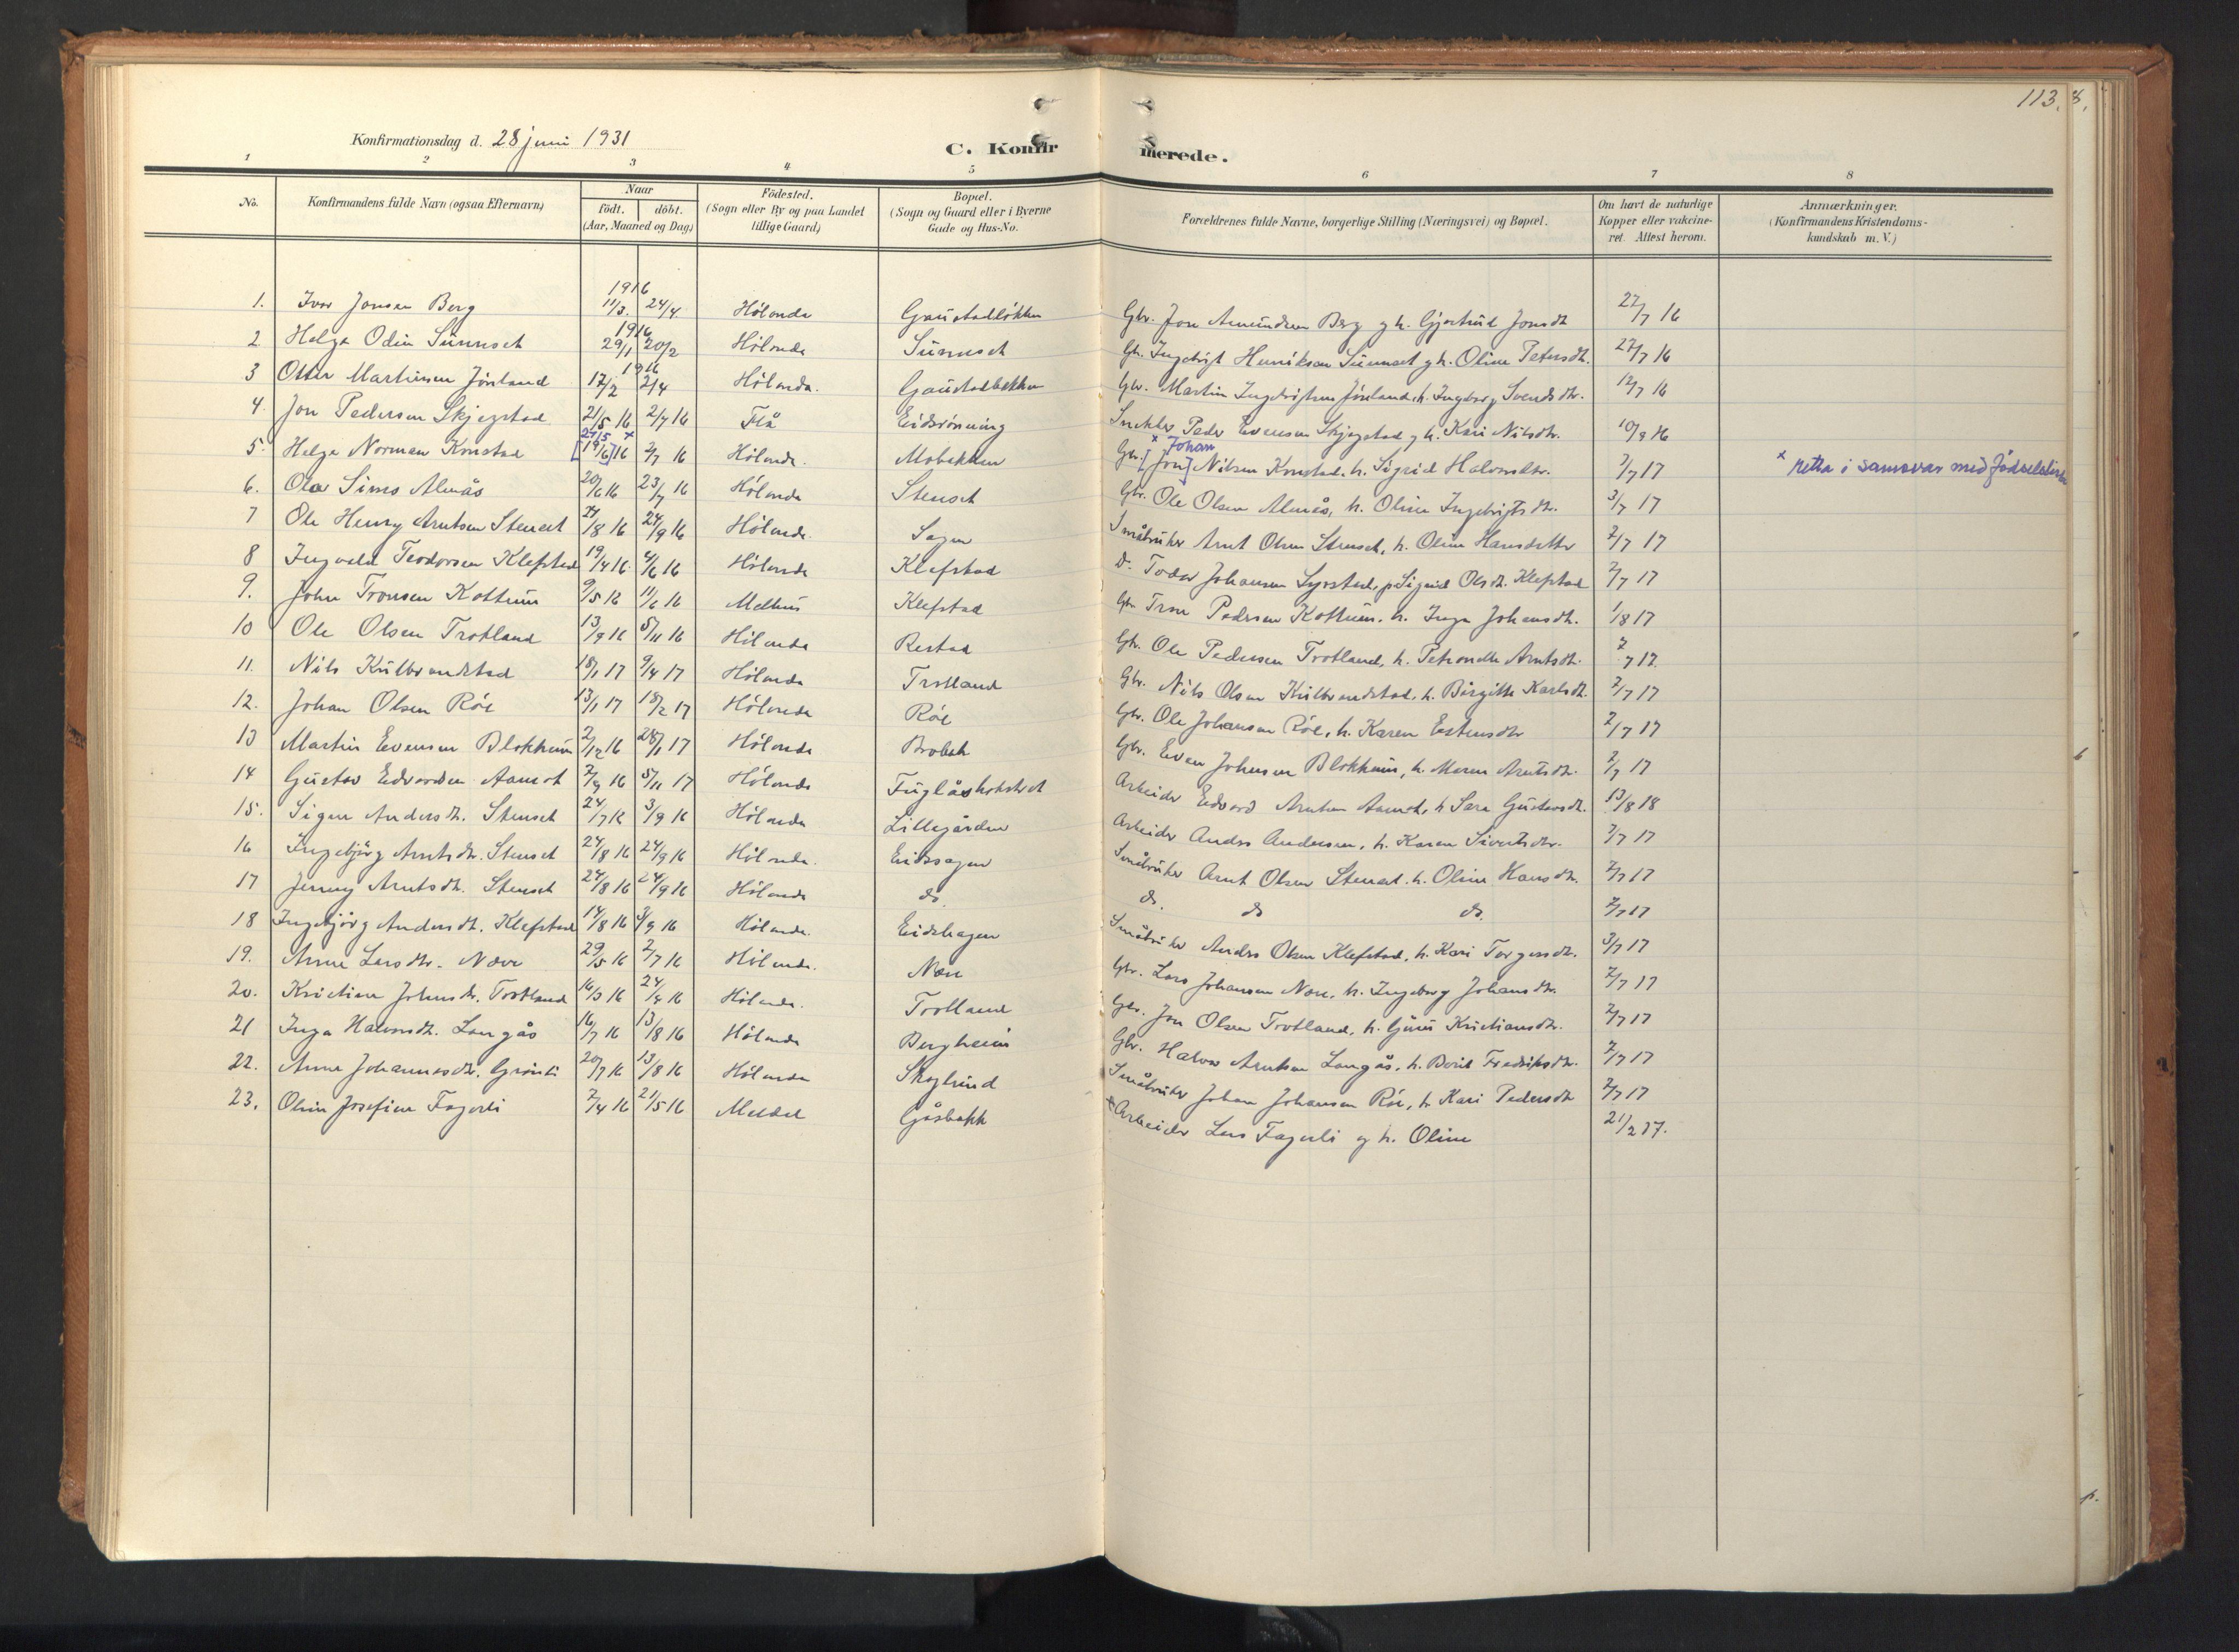 SAT, Ministerialprotokoller, klokkerbøker og fødselsregistre - Sør-Trøndelag, 694/L1128: Ministerialbok nr. 694A02, 1906-1931, s. 113